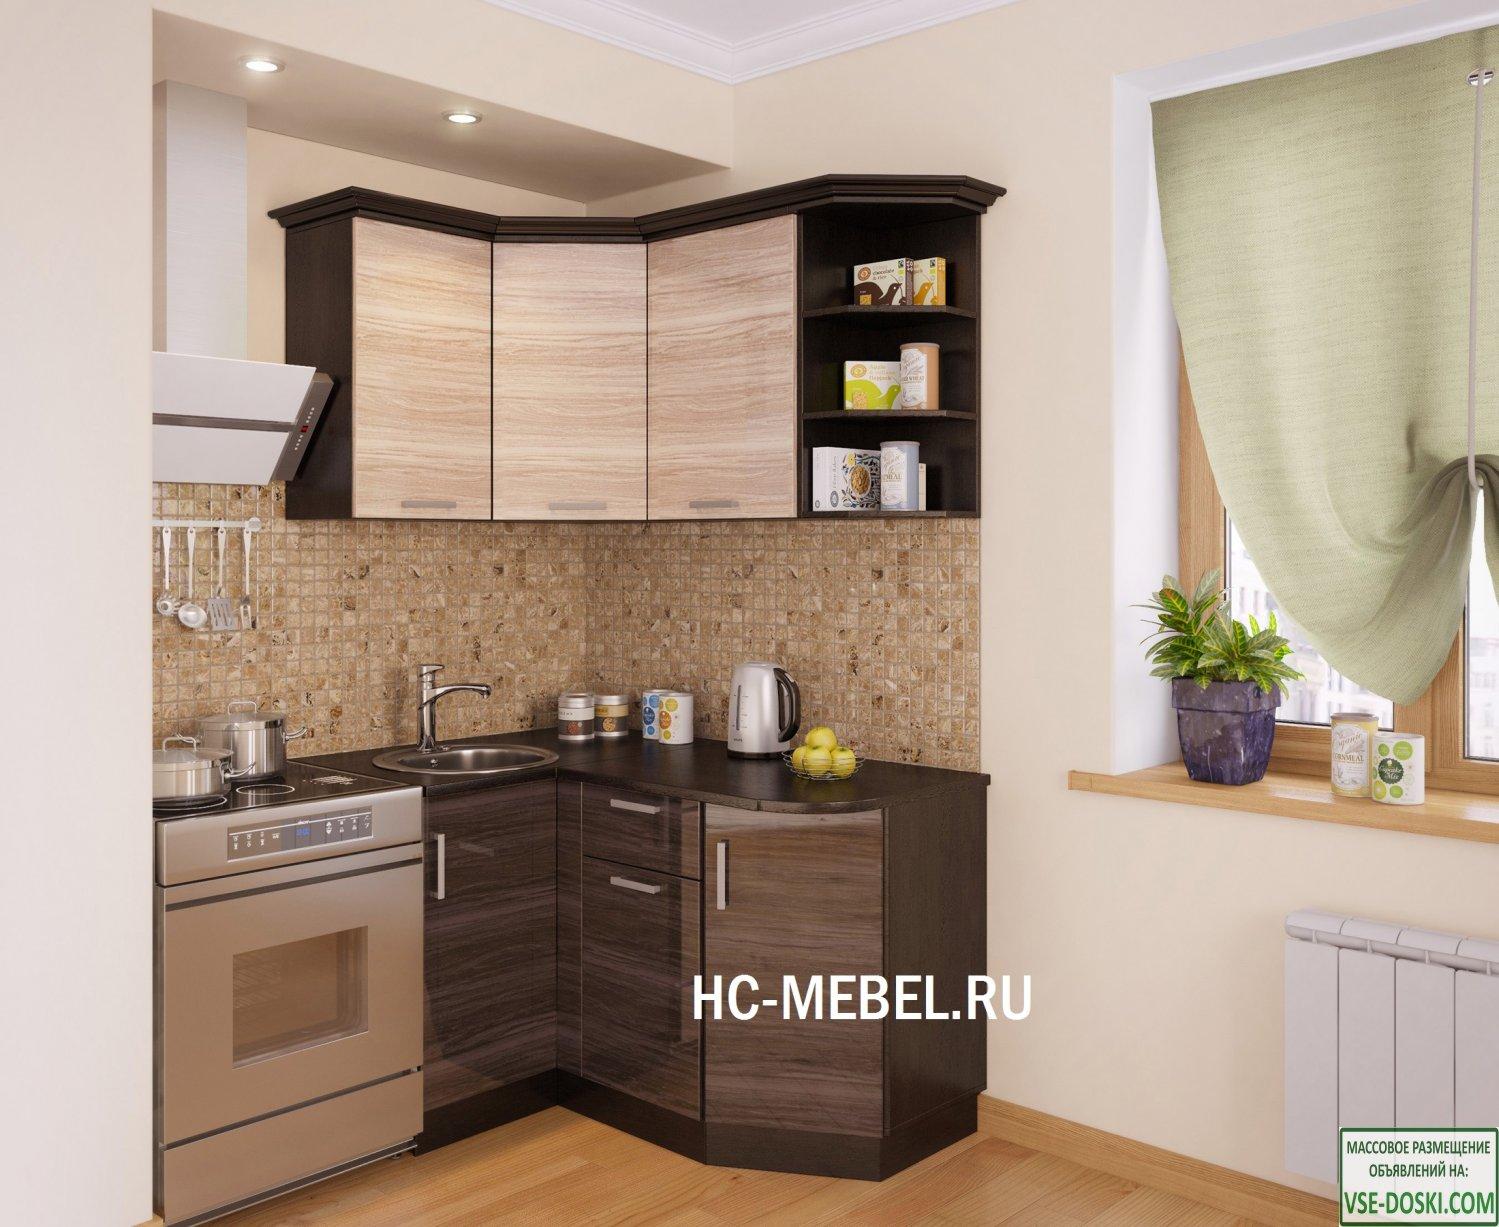 Кухня ВЕНЕЦИЯ Угловая, правая - левая